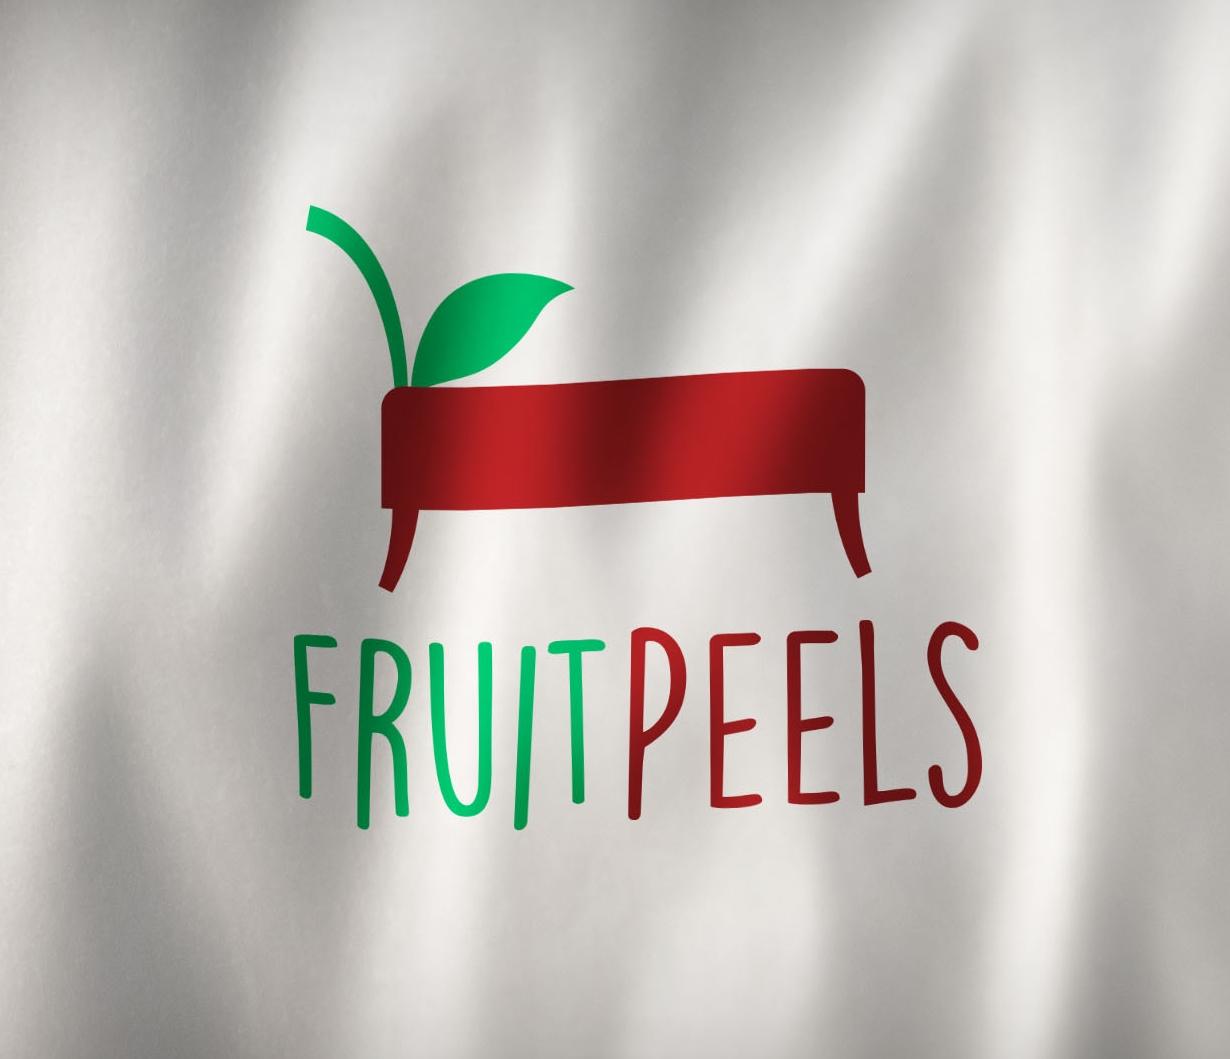 FruitPeelsSlides_0000_1.jpg